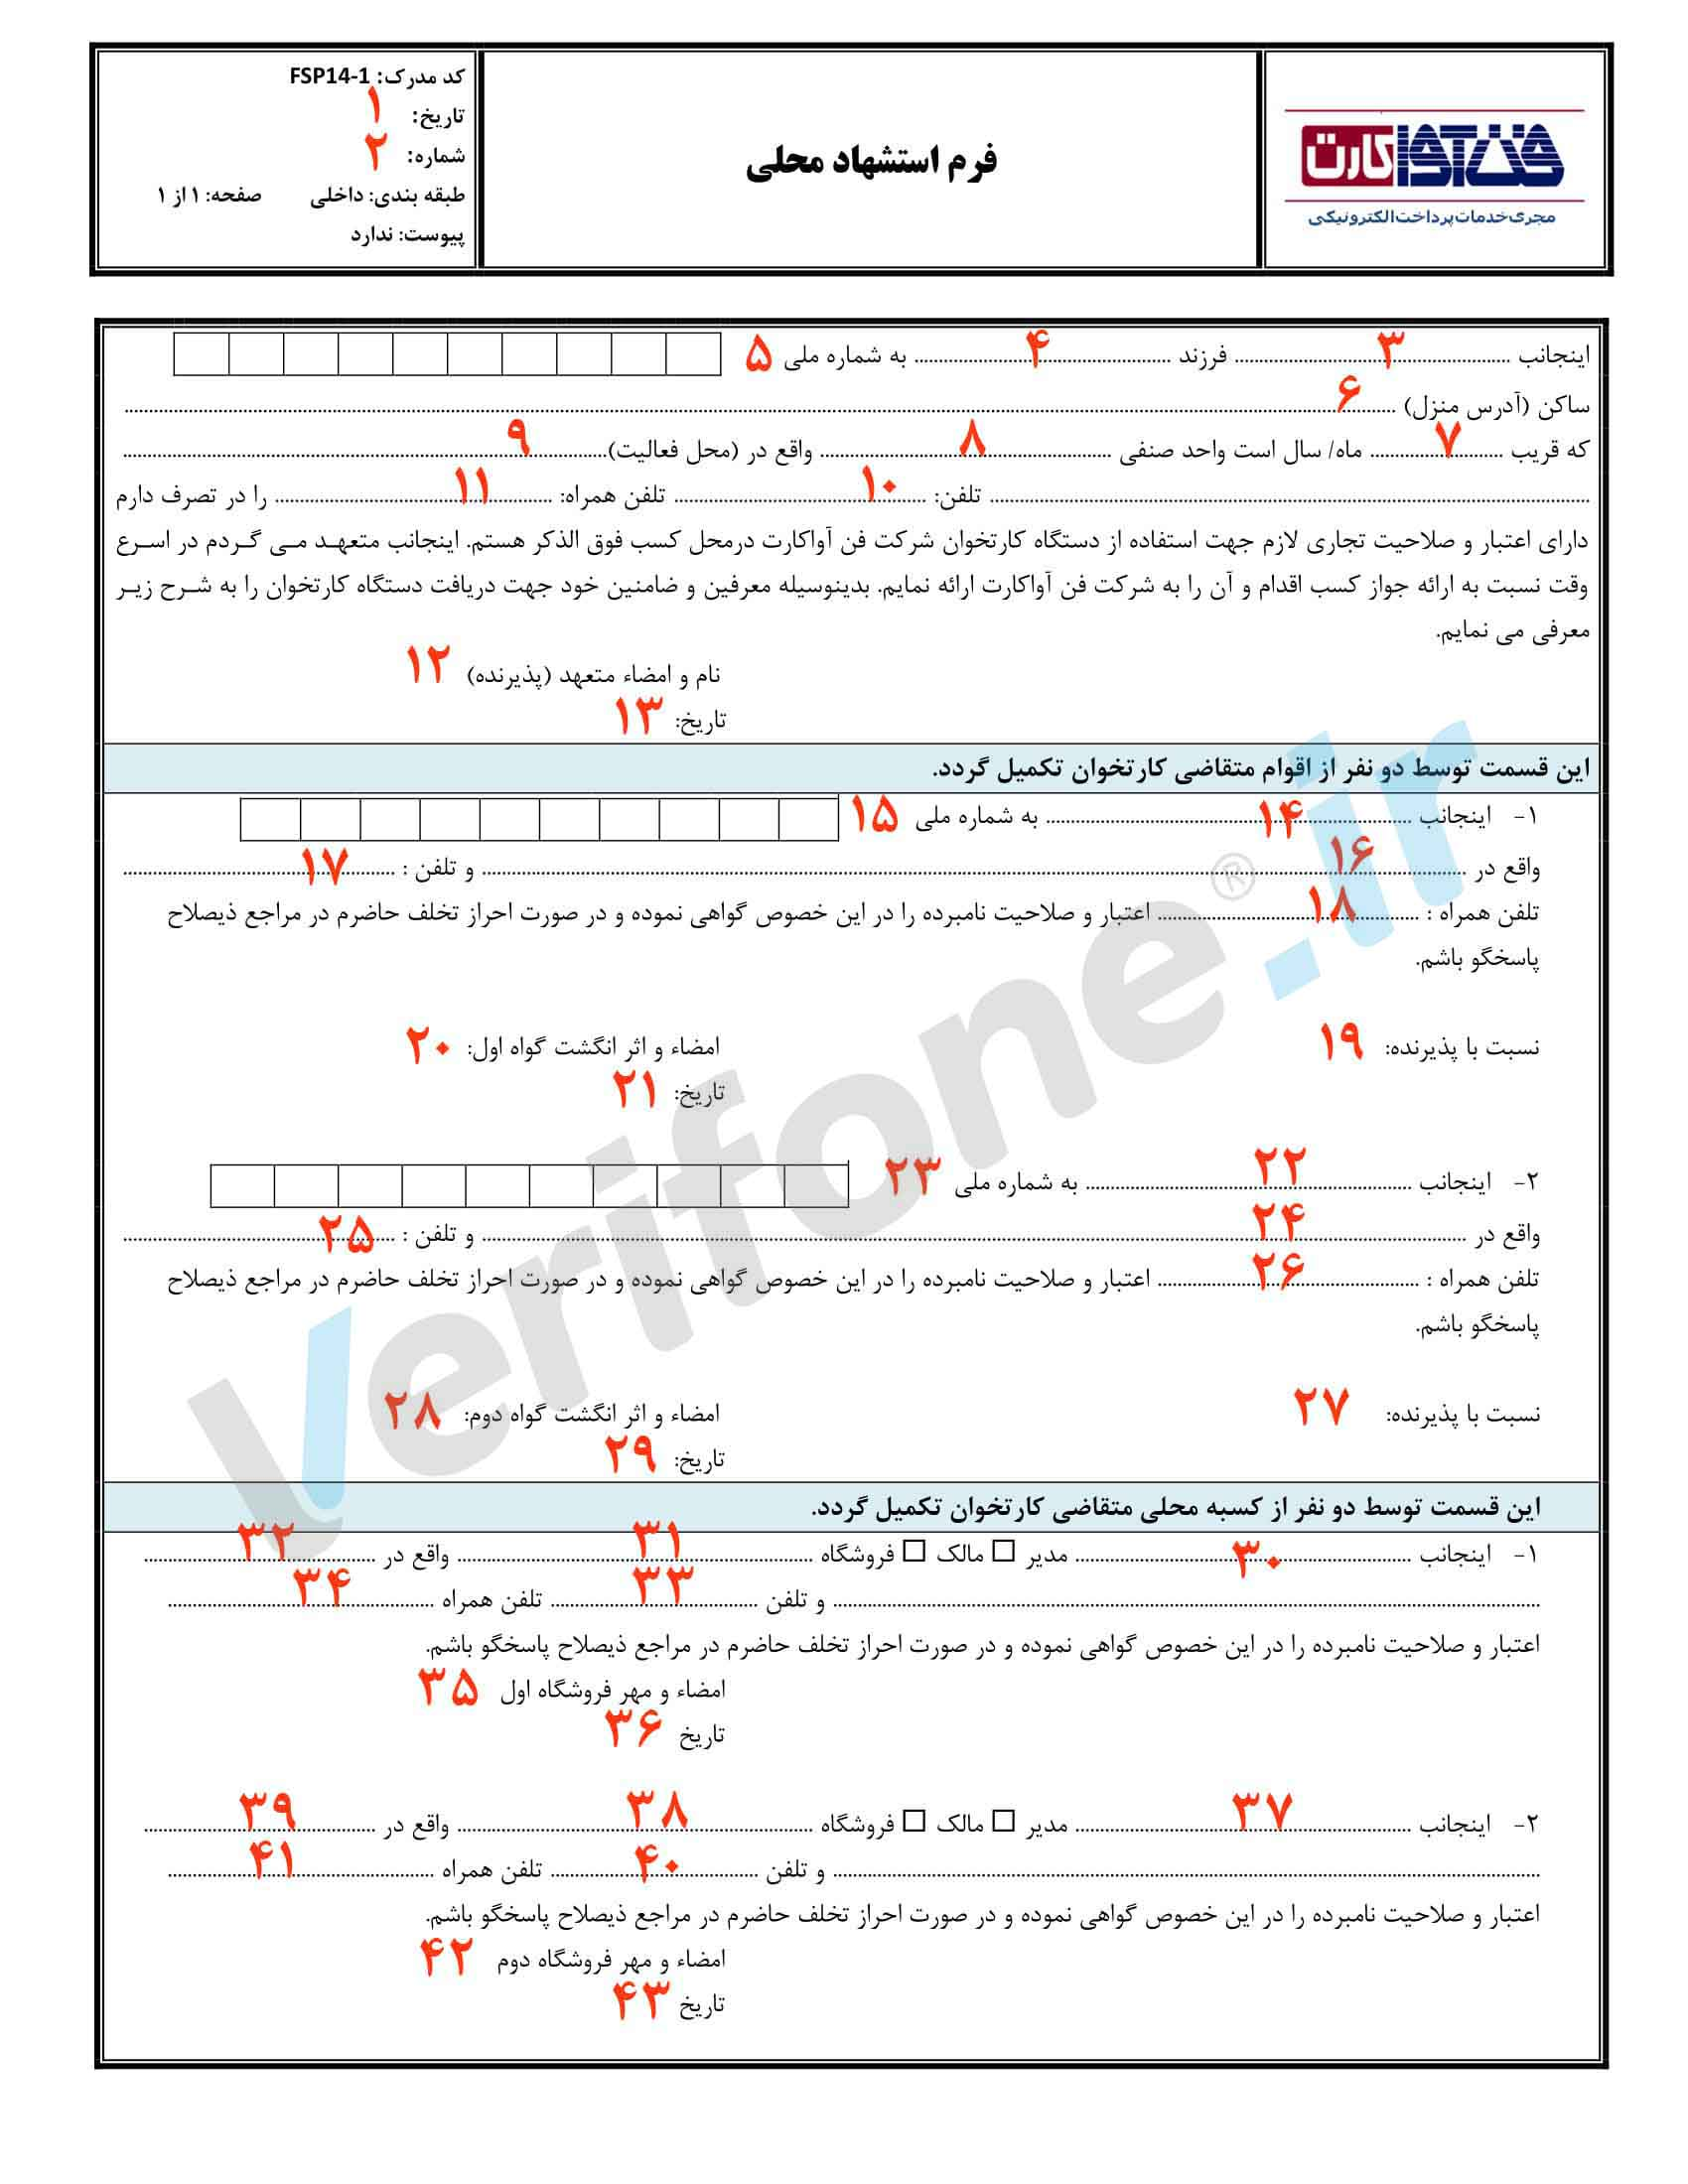 عکس راهنمای تکمیل فرم استشهاد محلی